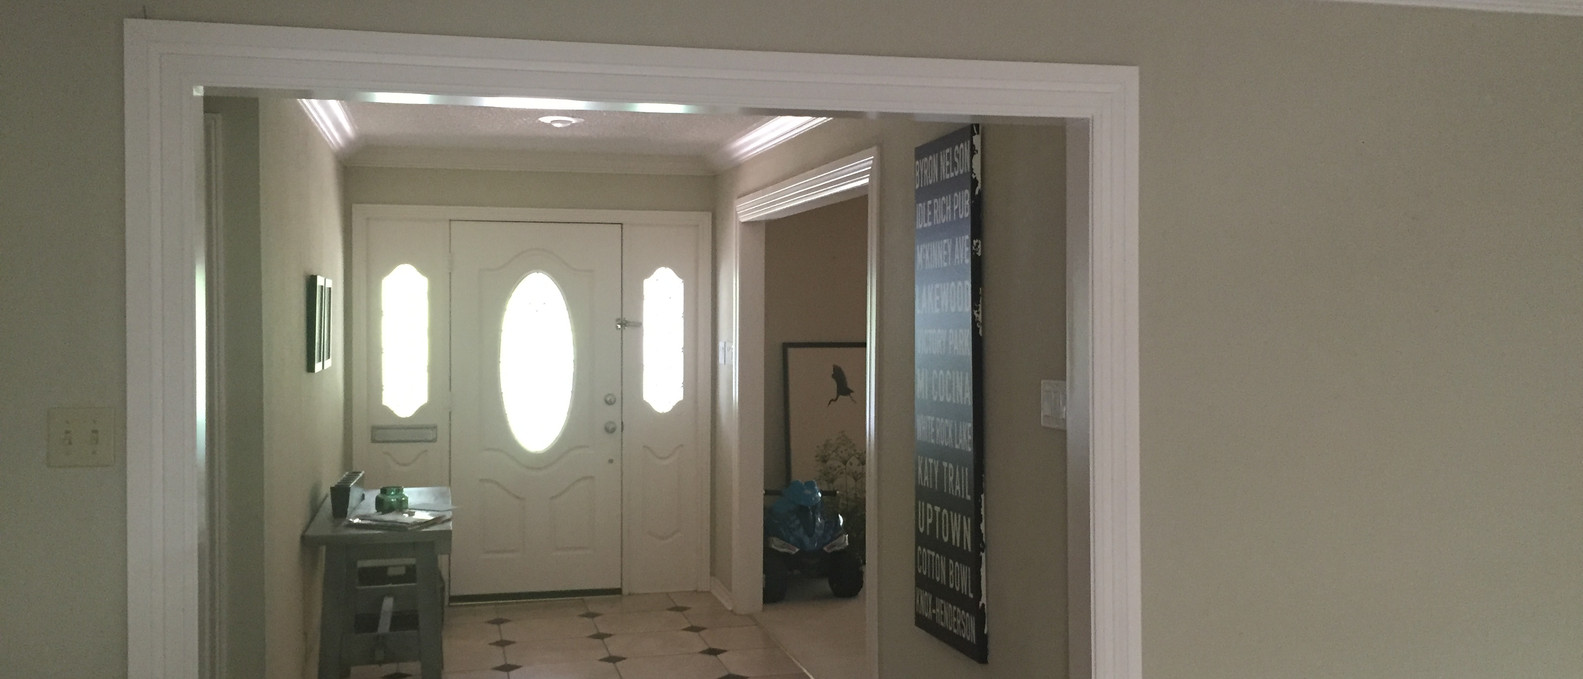 Foyer Before